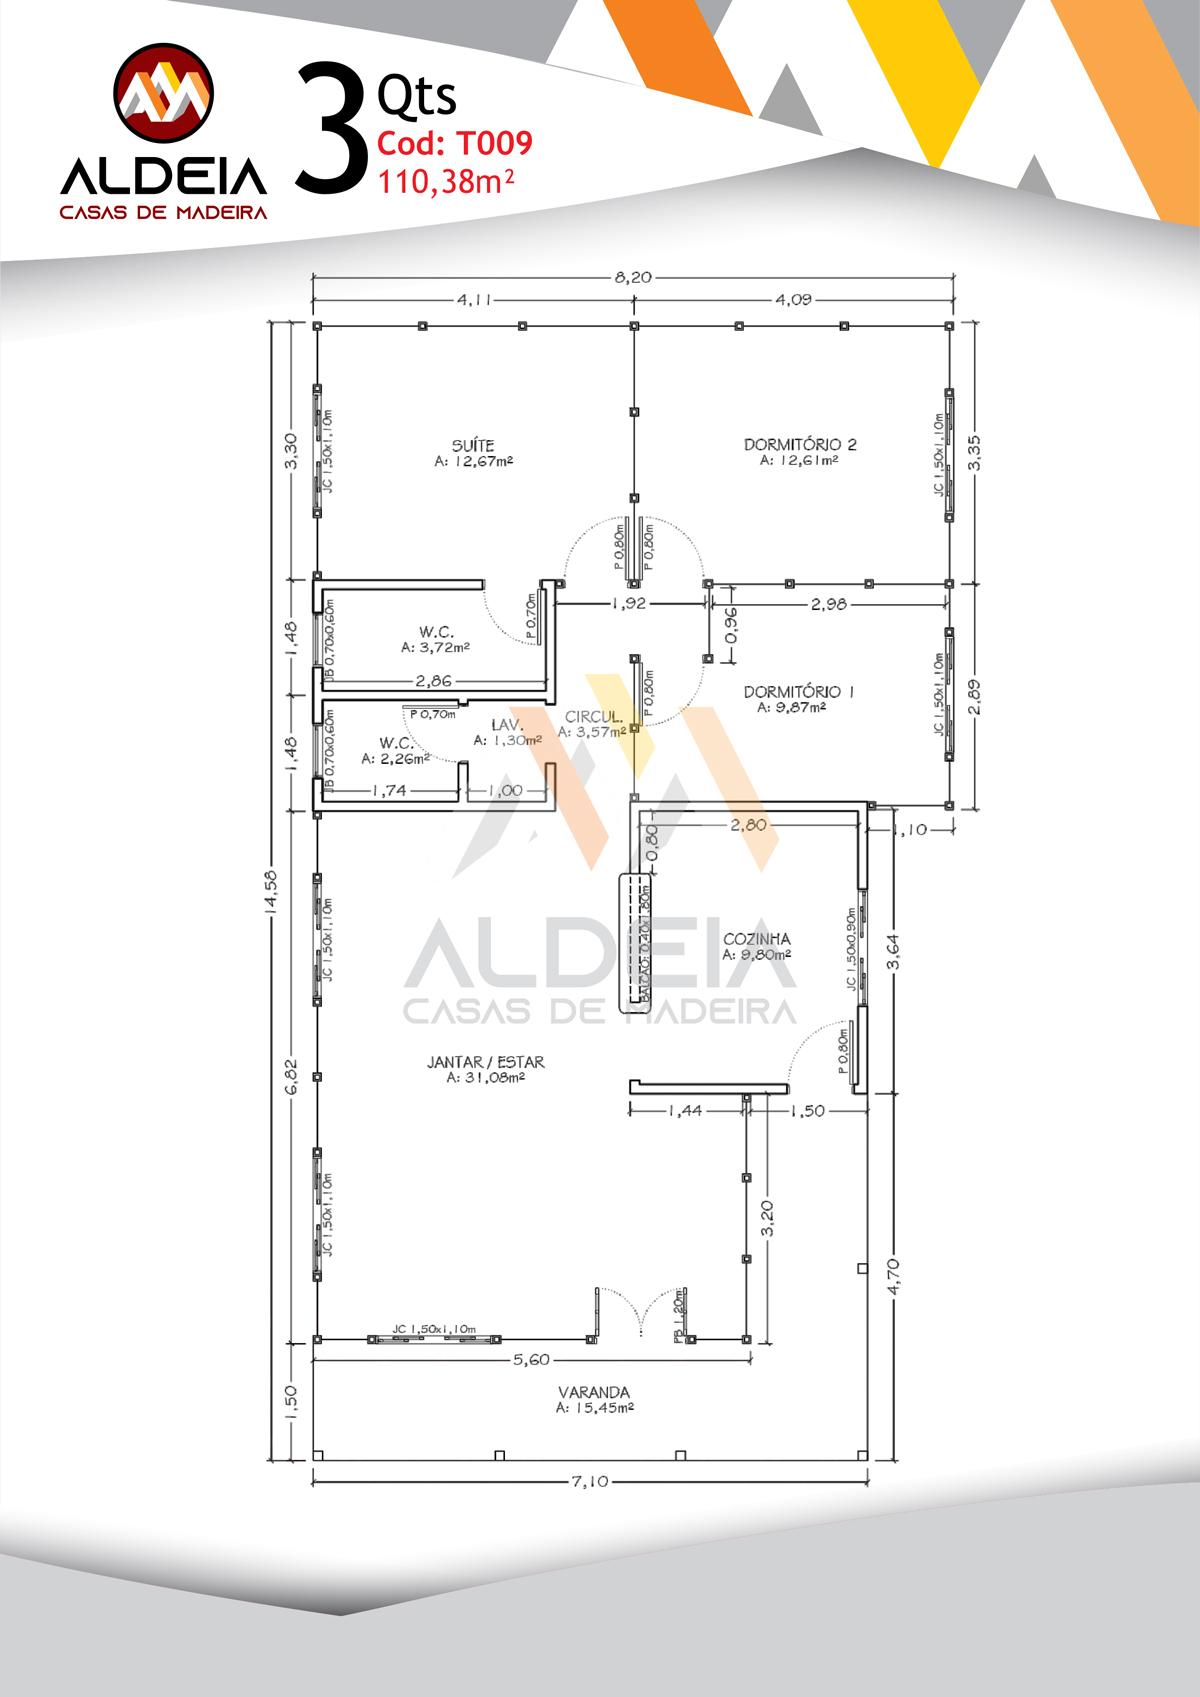 aldeia-casas-madeira-arquitetura-T009